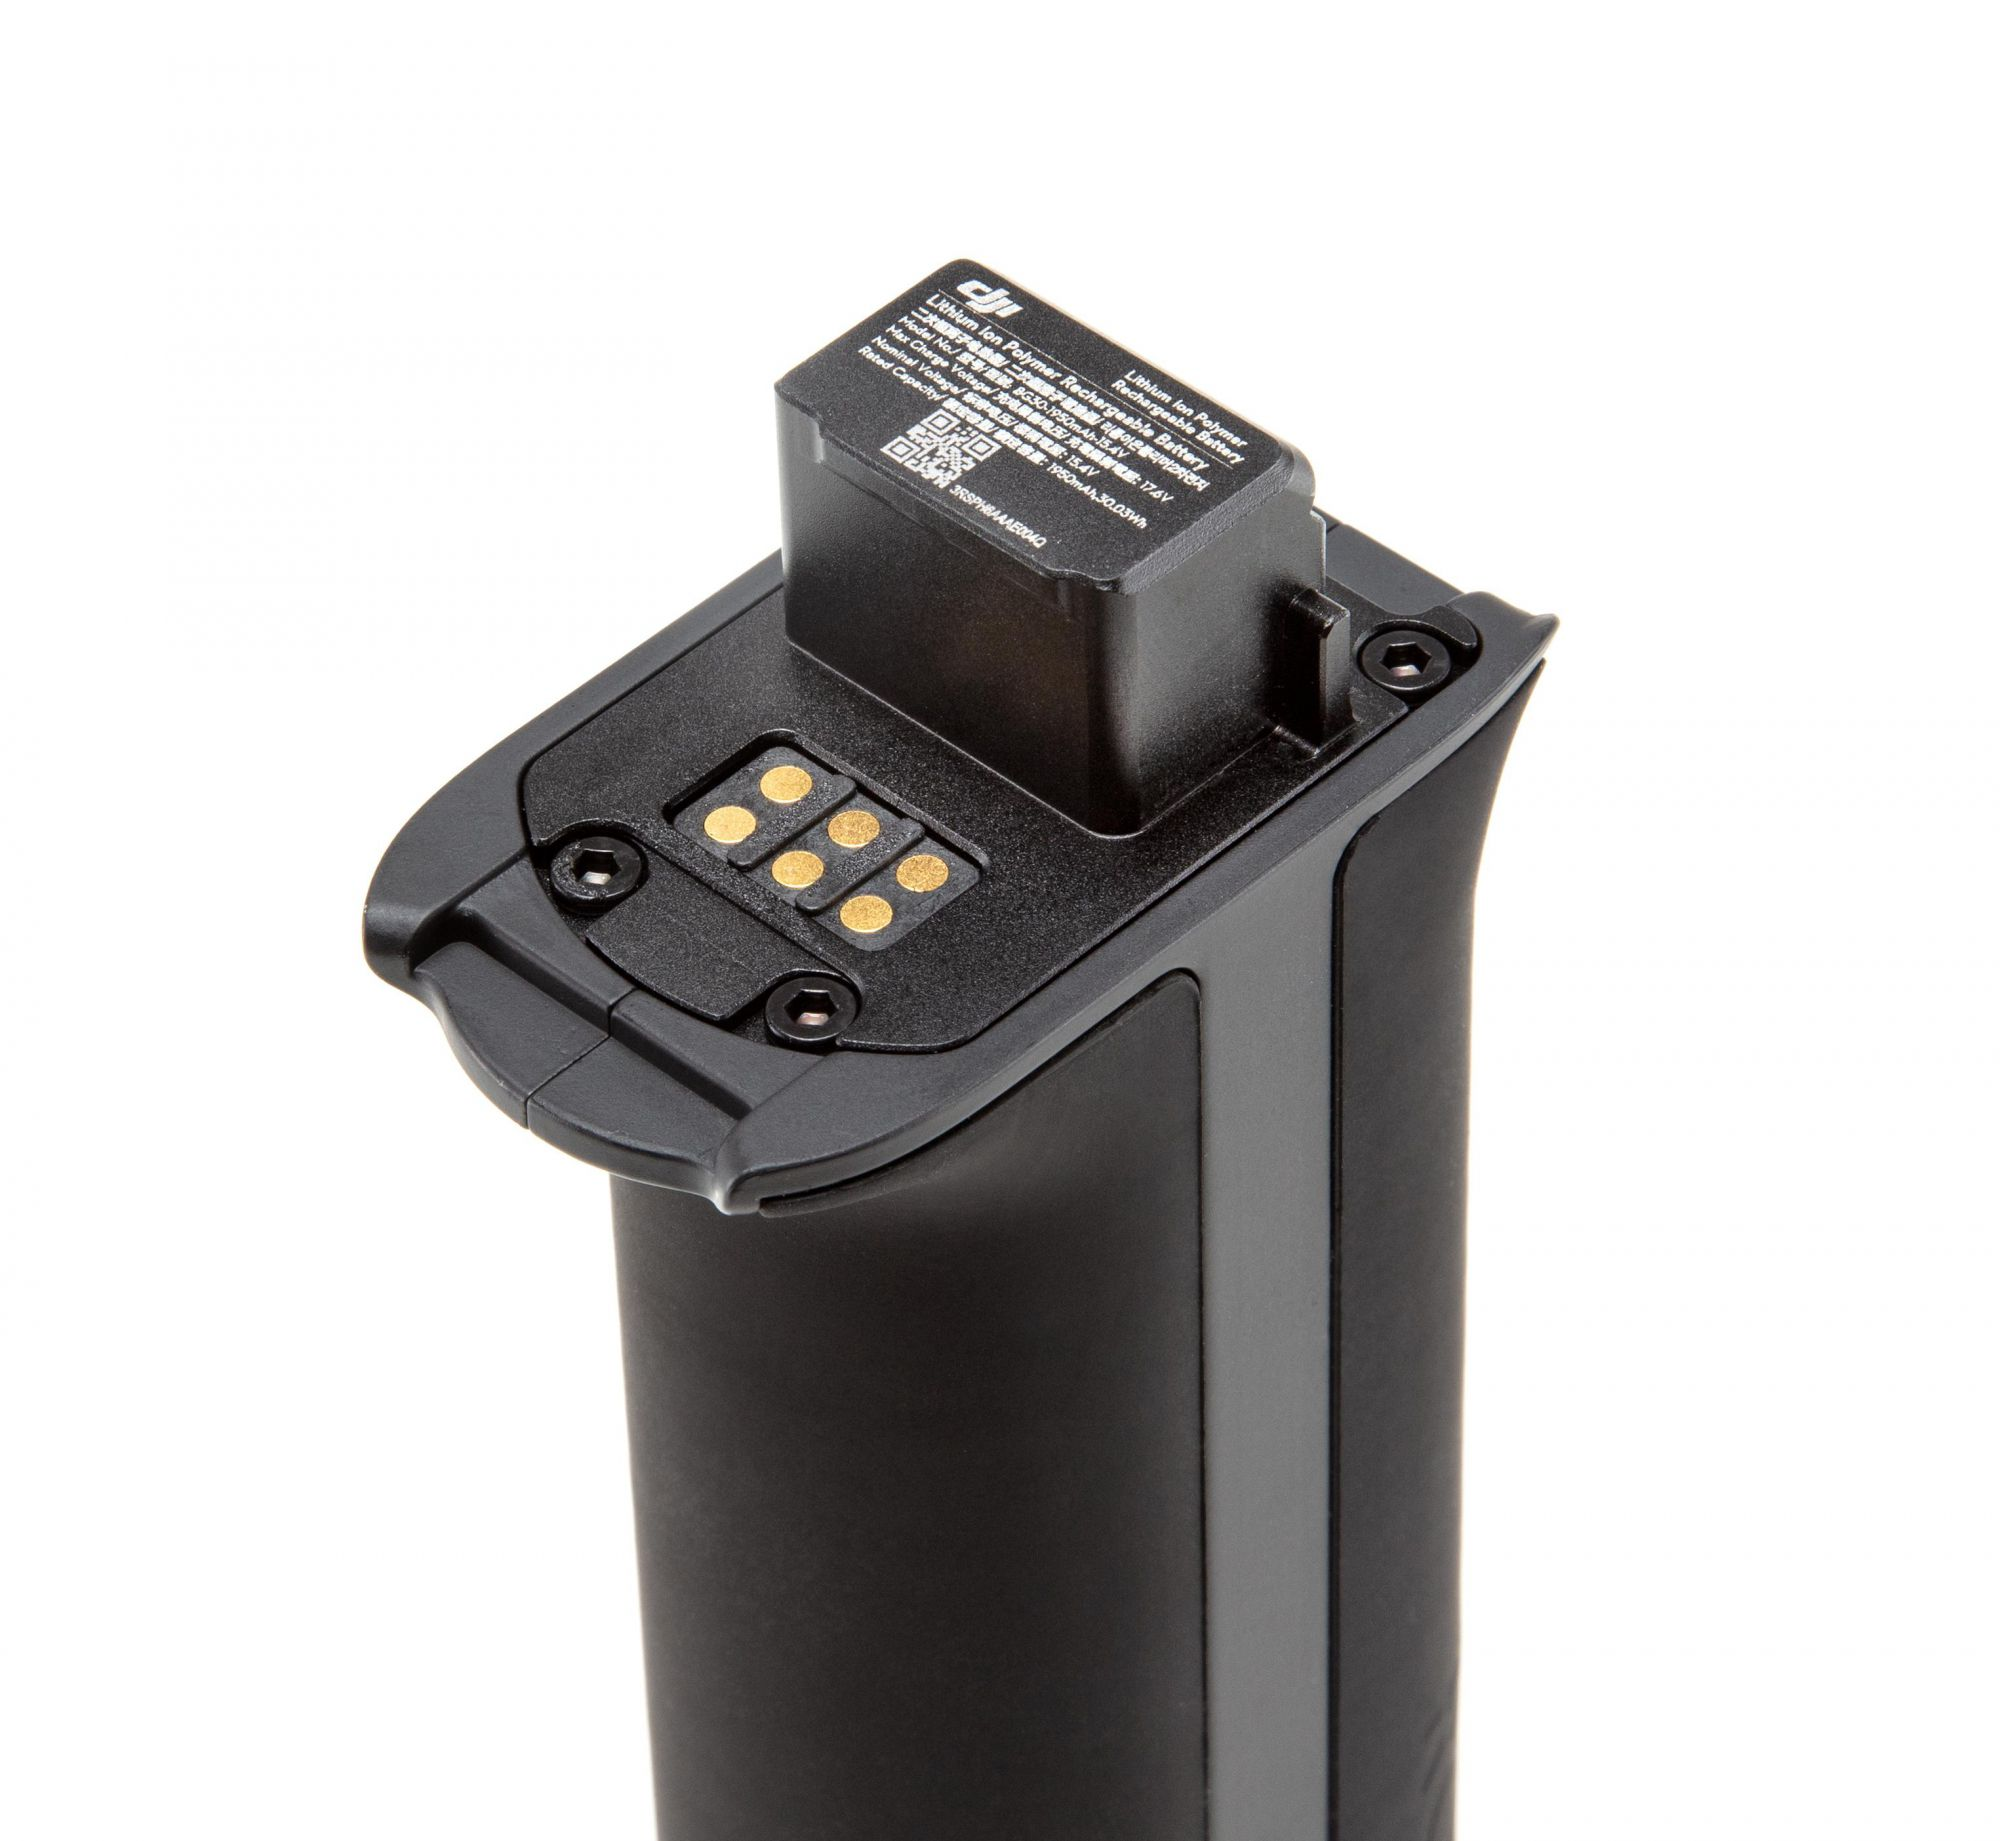 Poignée BG30 avec batterie pour DJI RS 2